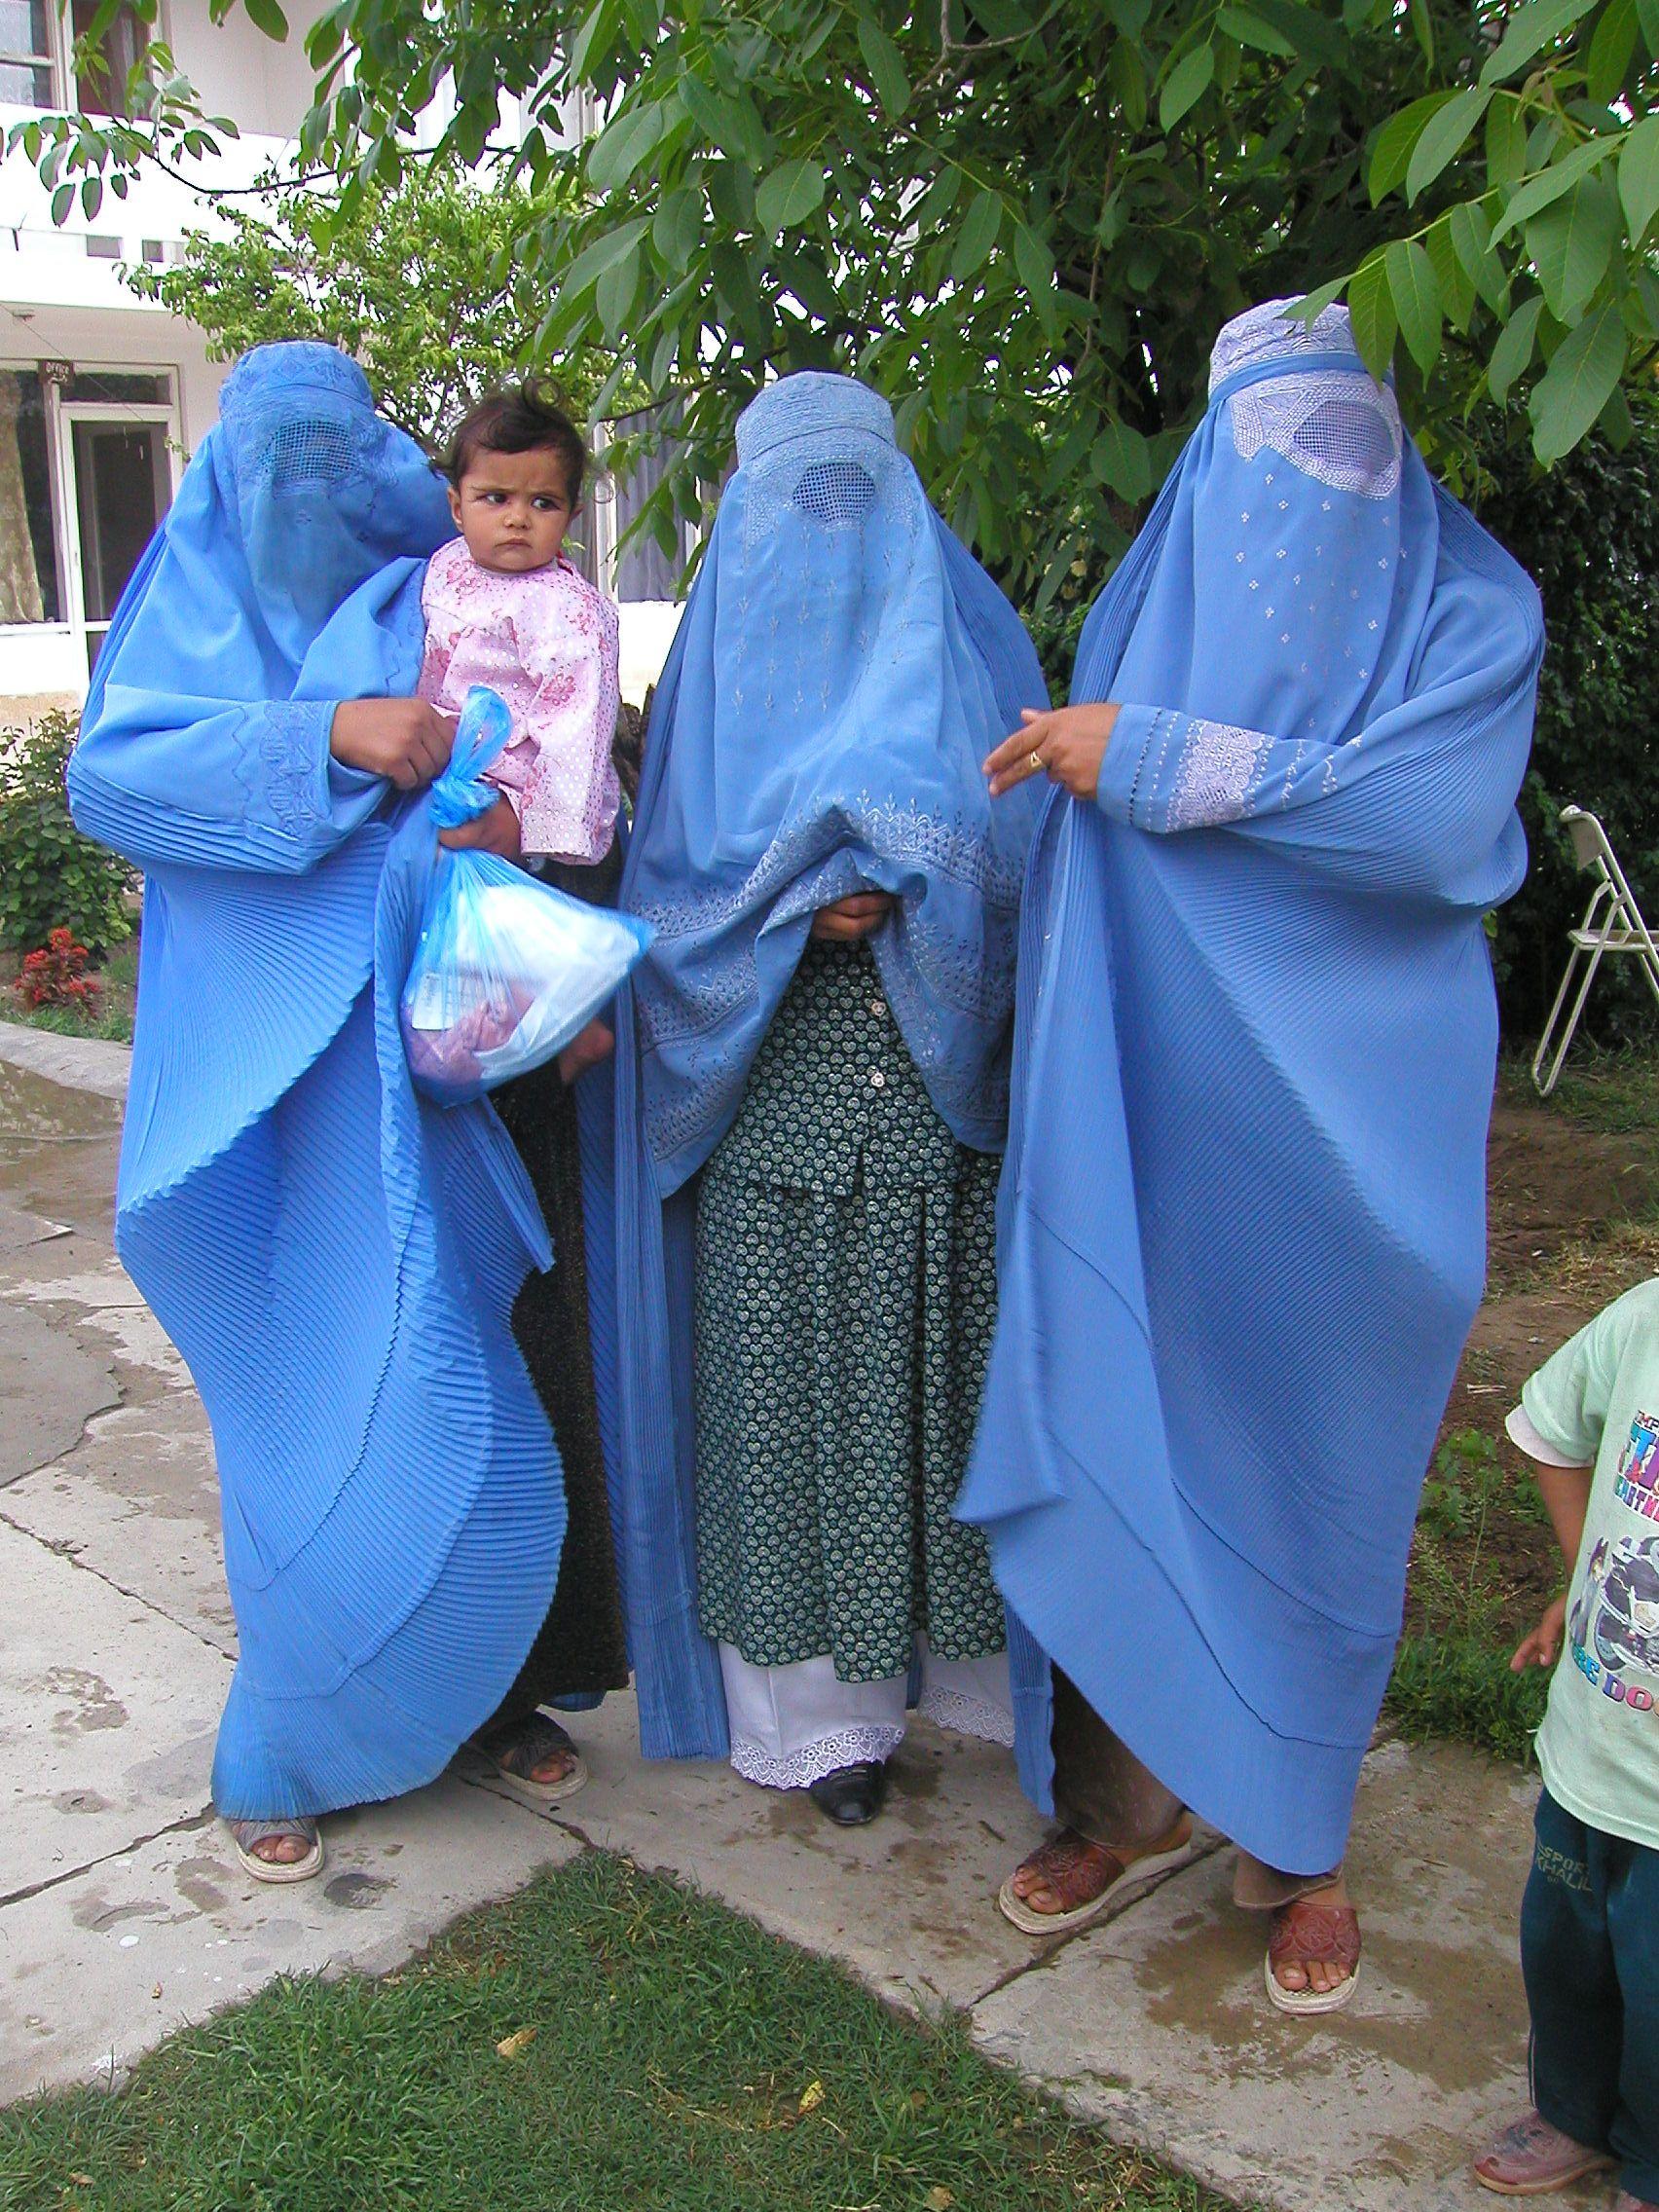 burka ladies.JPG